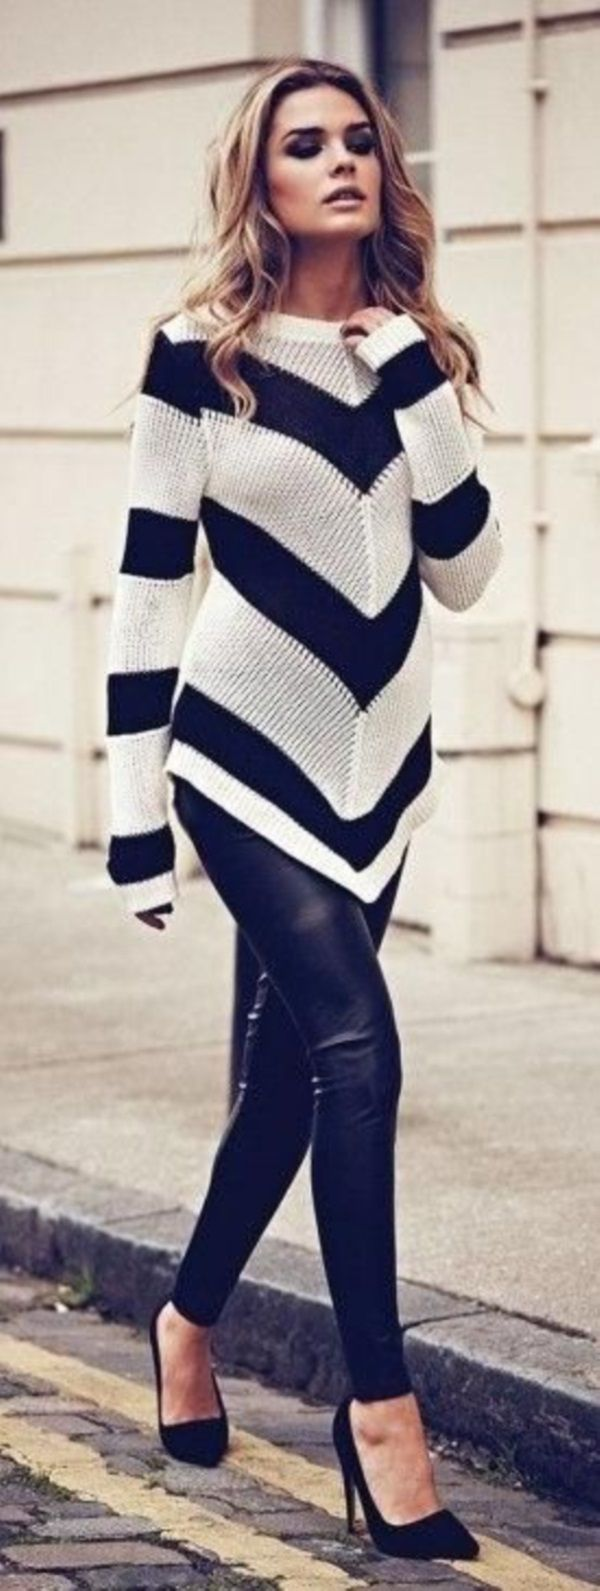 40 Cozy Woolen Fashion Ideas For Women   http://fashion.ekstrax.com/2015/03/cozy-woolen-fashion-ideas-for-women.html